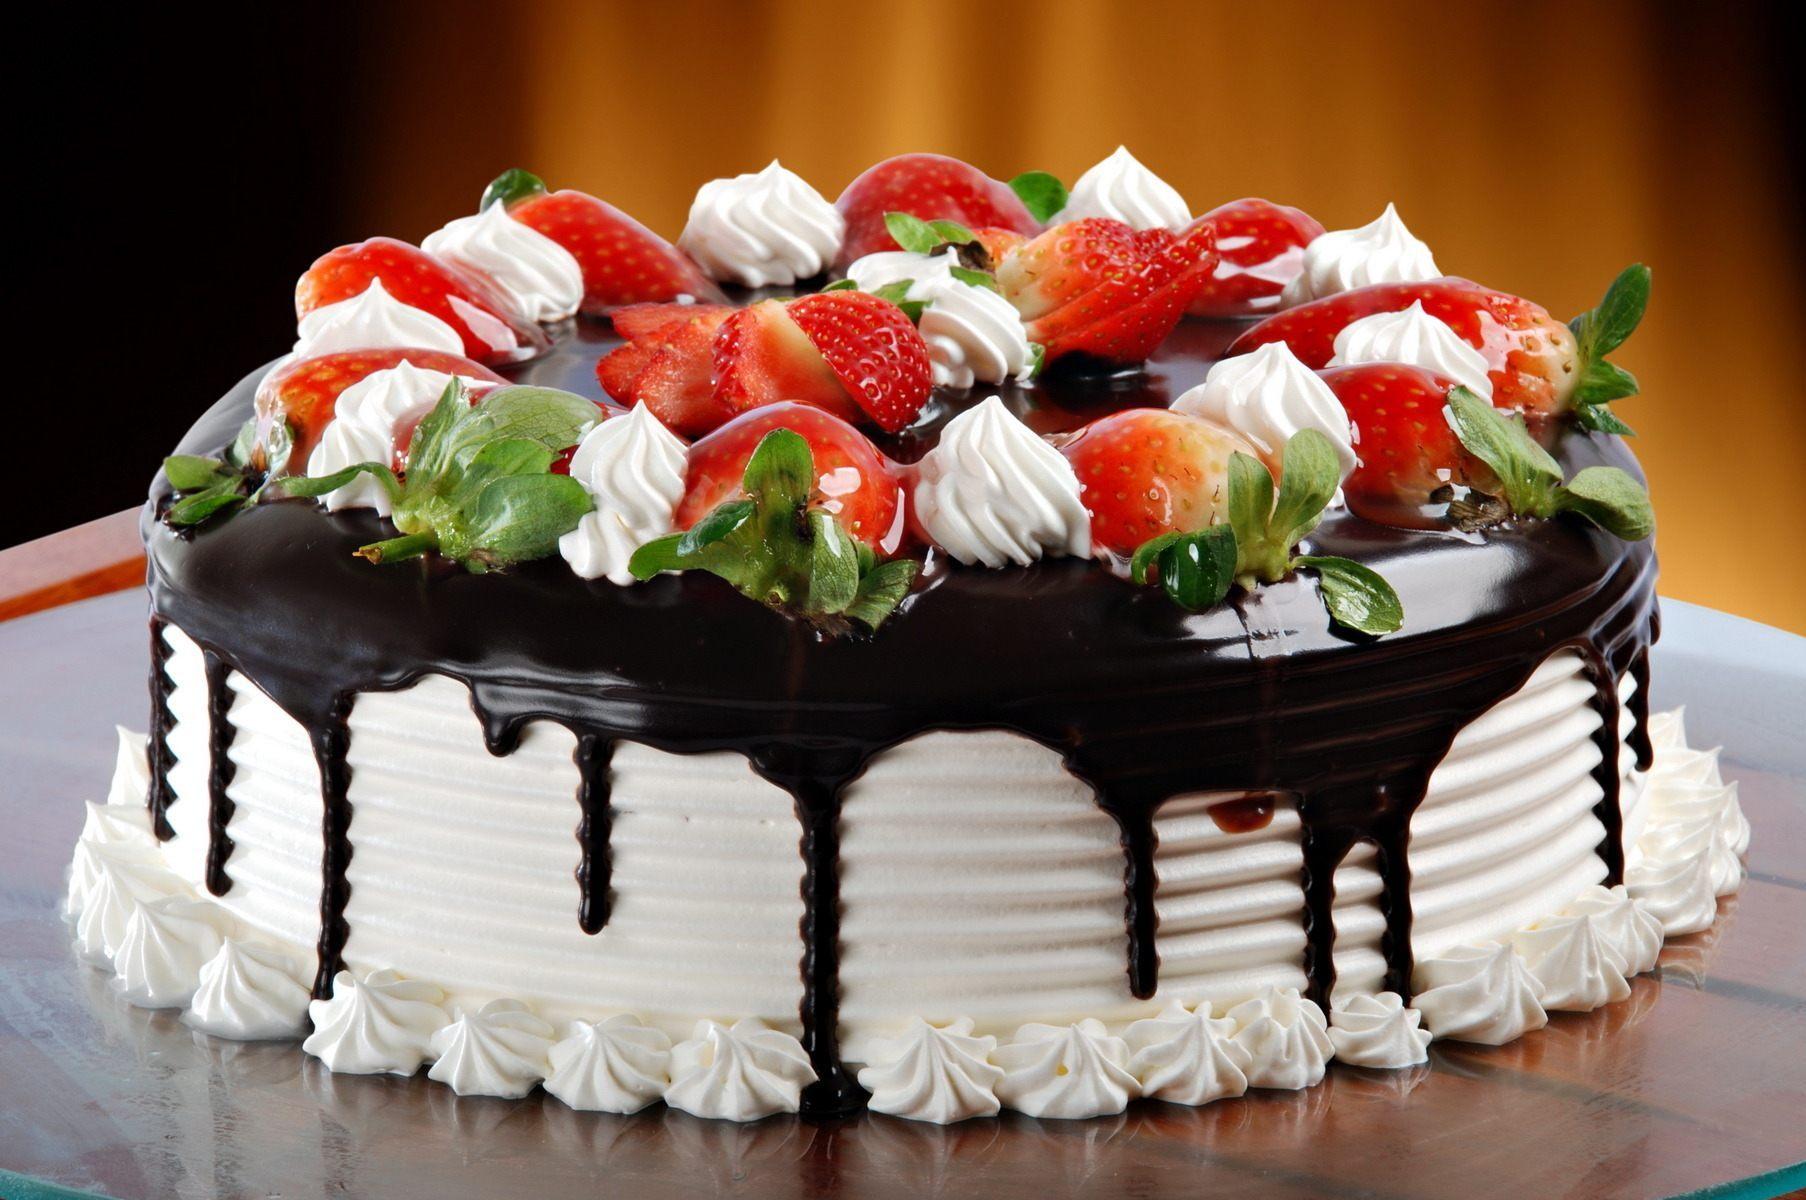 Як прикрасити торт фруктами - смачні ідеї